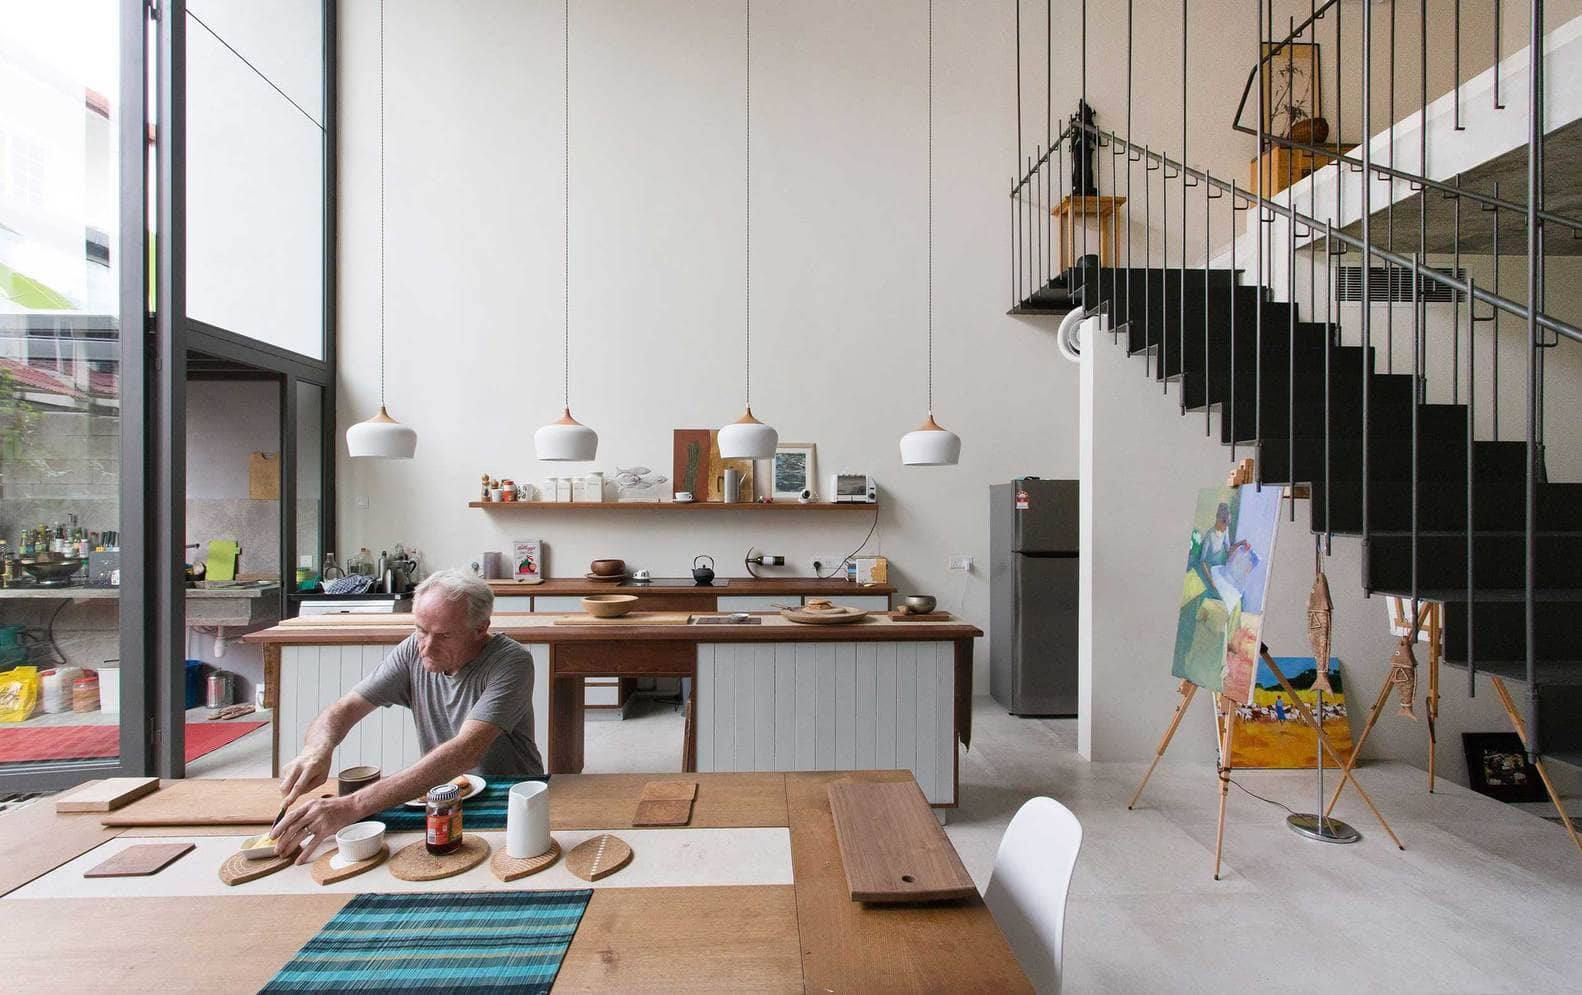 Rumah 'Planter Box' Di Reka Penuh Gaya Hidup Pemilik 16